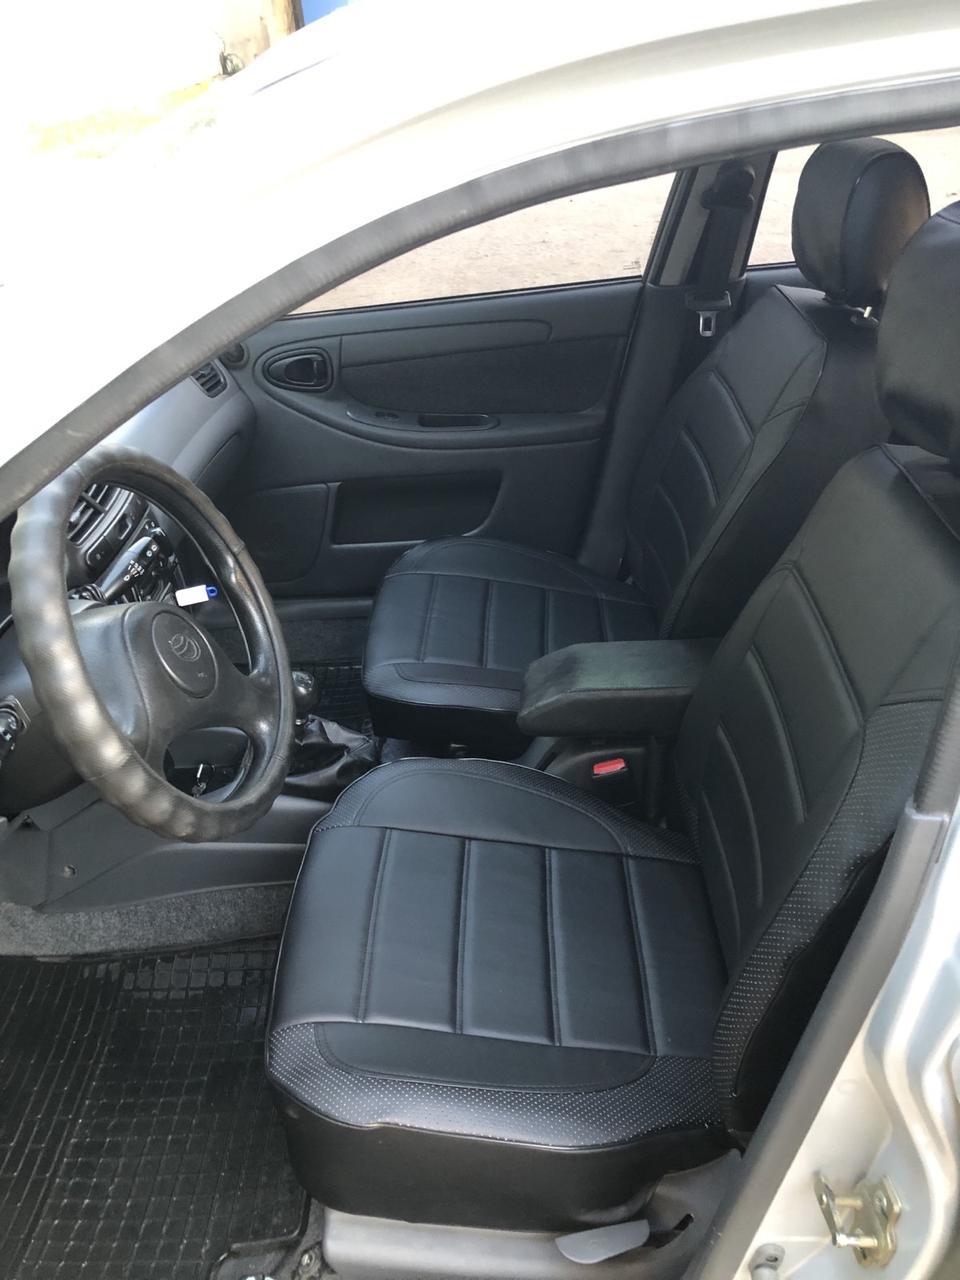 Чохли на сидіння Тойота Королла (Toyota Corolla) модельні MAX-L з екошкіри Чорний Чорно-білий